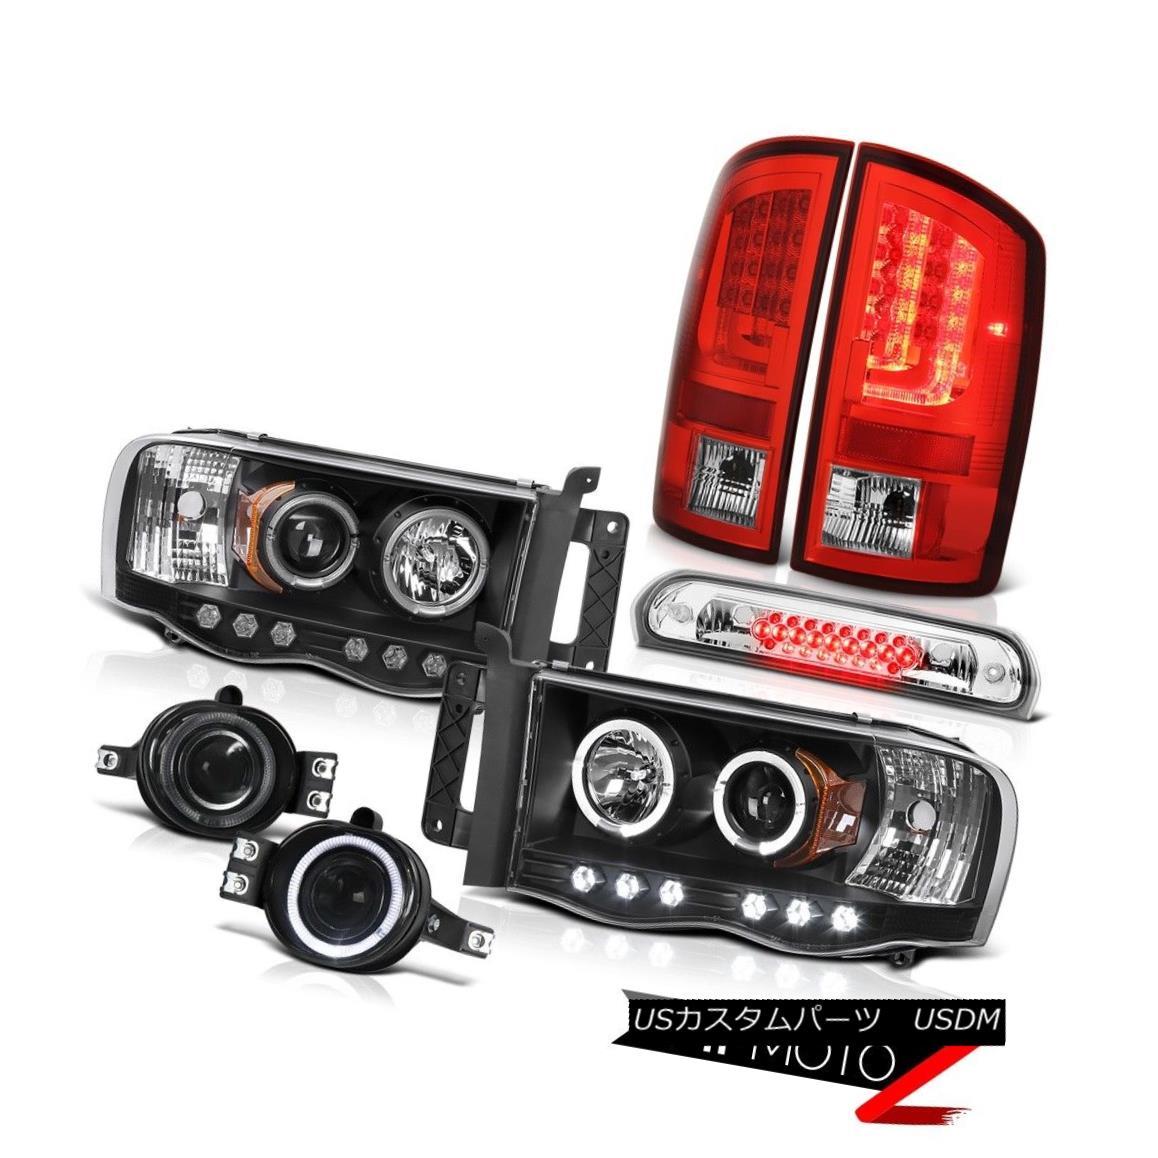 テールライト 2003-2005 Dodge Ram 3500 WS Red Tail Lamps Headlamps Fog Lights High STop Lamp 2003-2005 Dodge Ram 3500 WSレッドテールランプヘッドランプフォグライトハイSTOPランプ